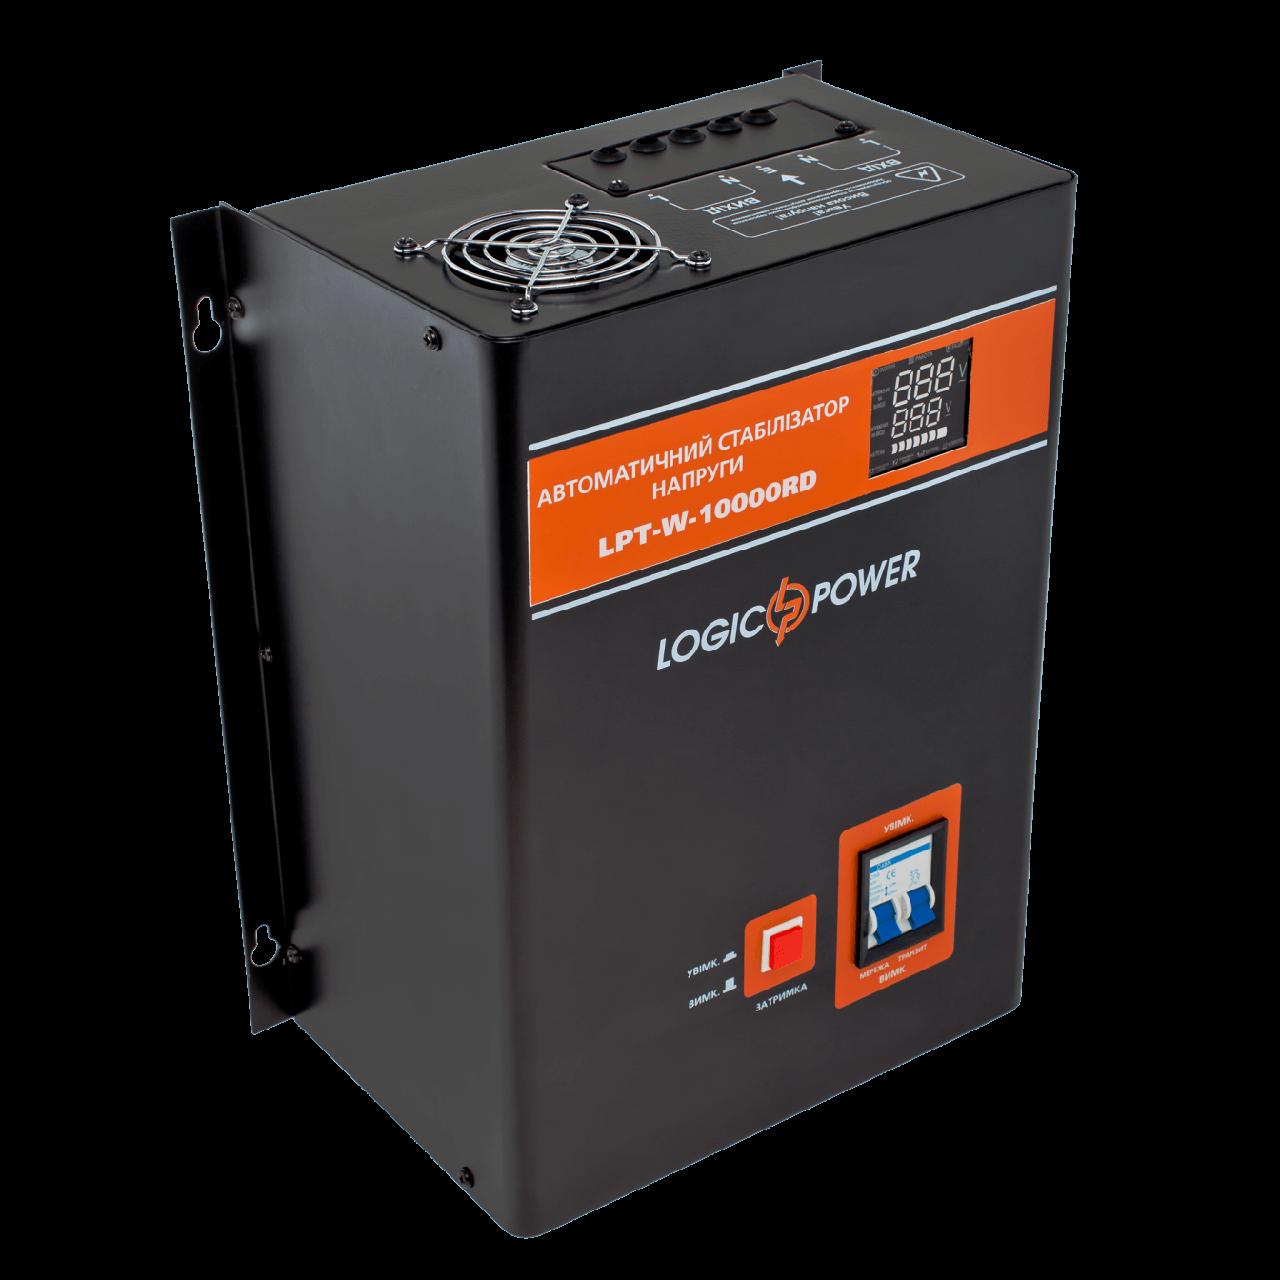 Logic Power LPT-W-10000RD -стабілізатор на будинок, дачу, квартиру, релейний